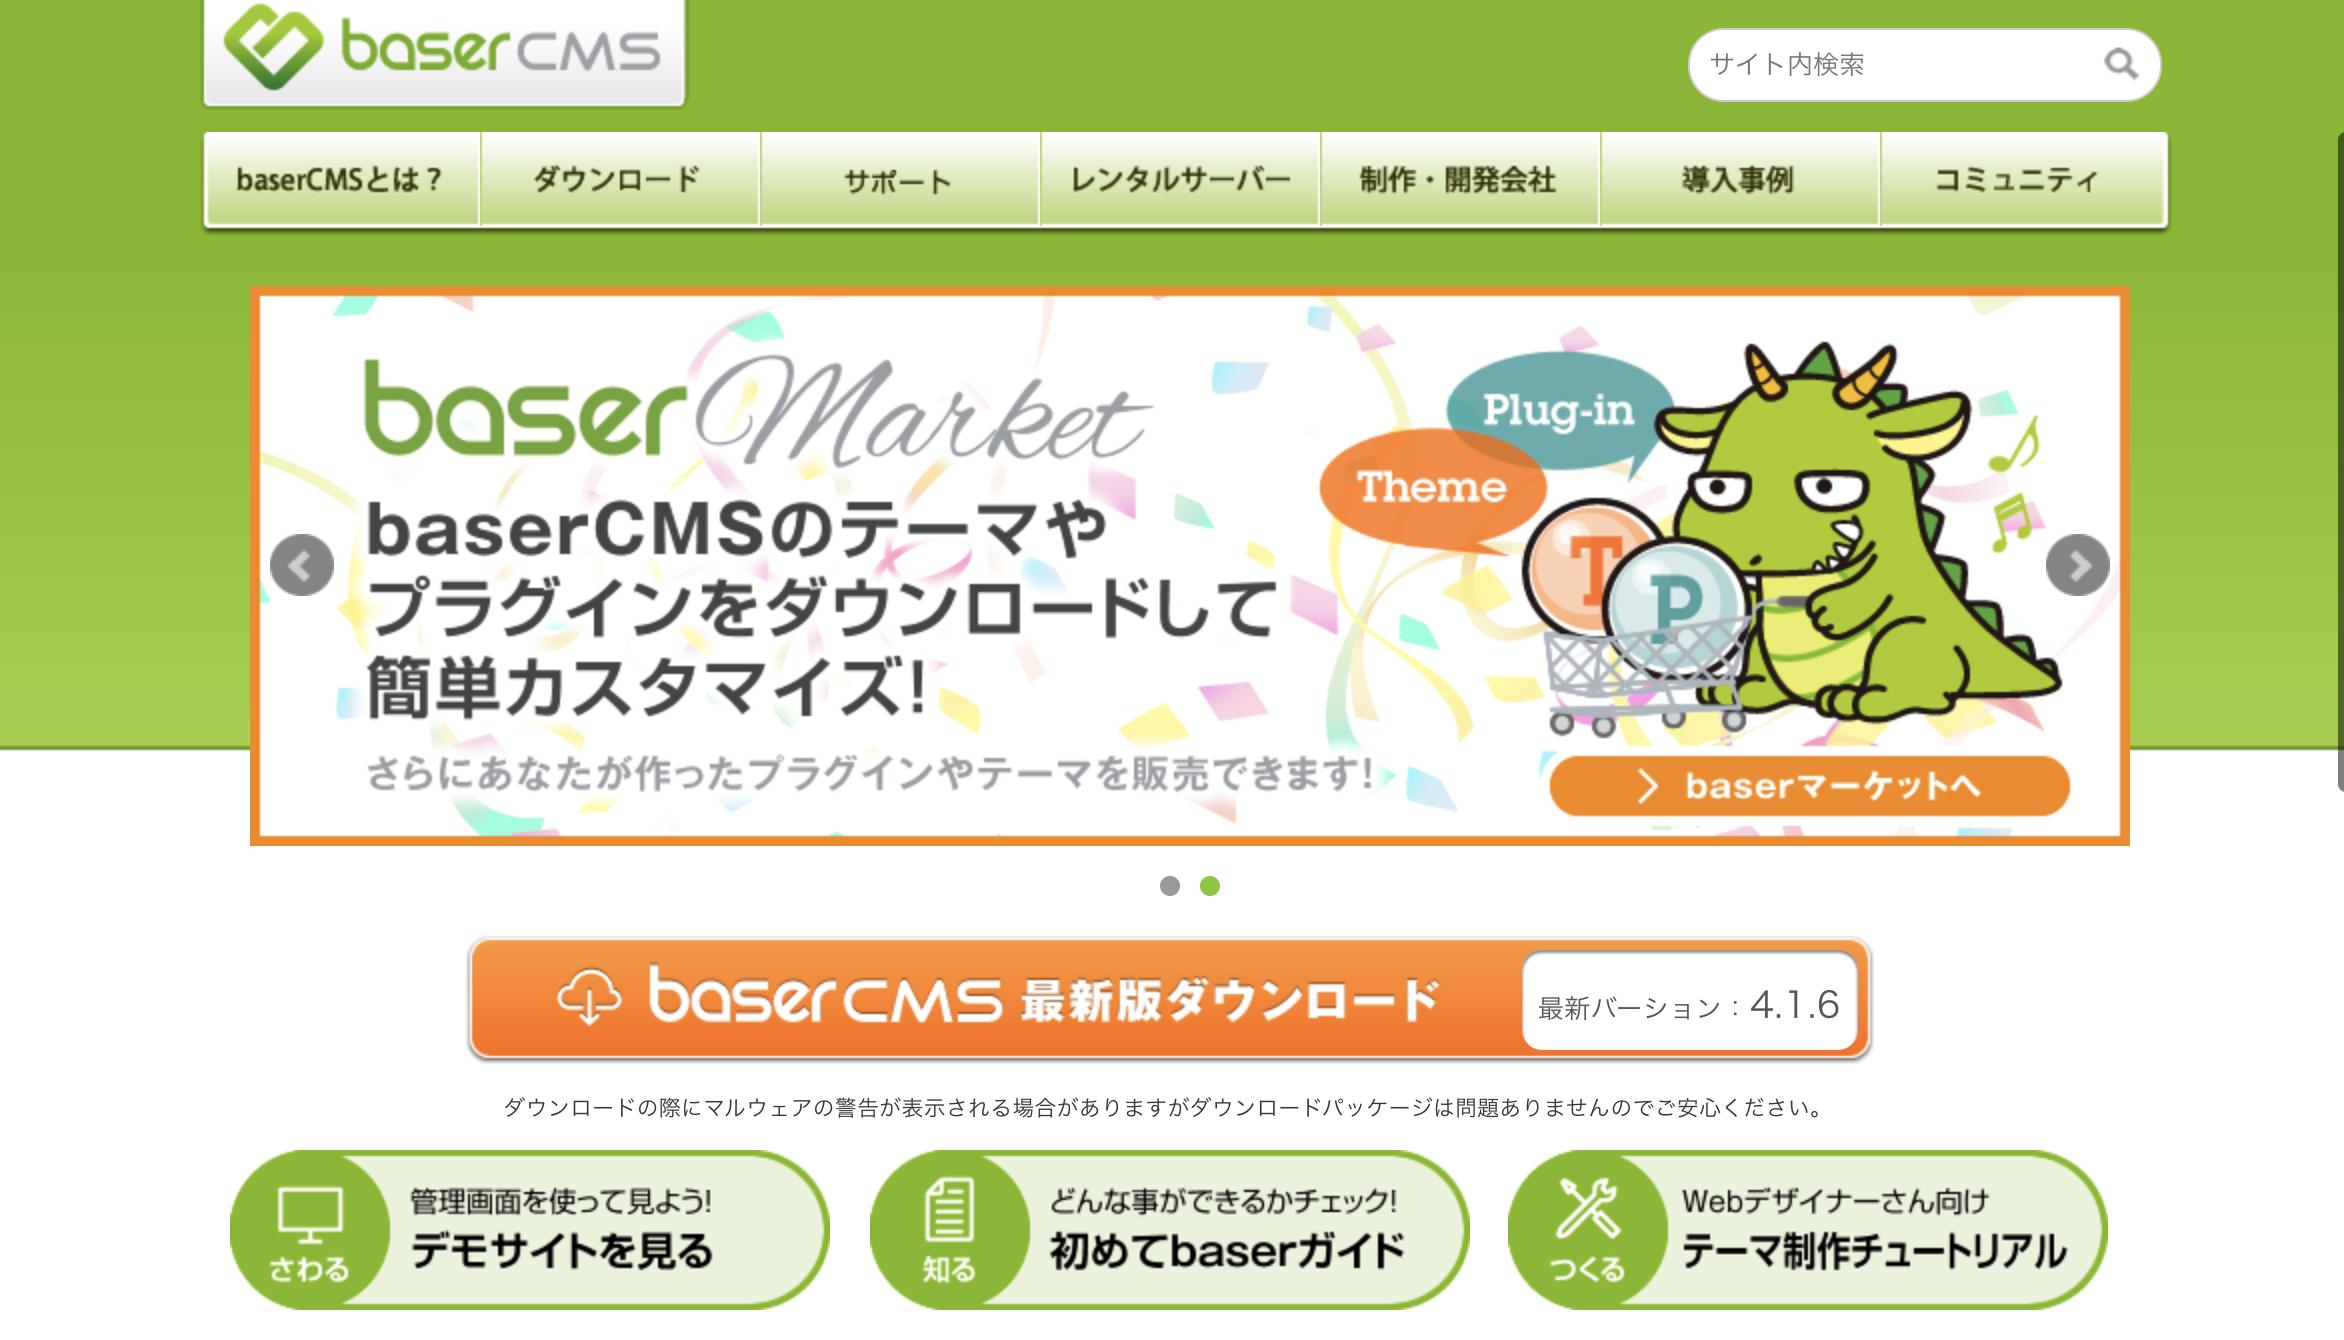 baserCMS_トップページ